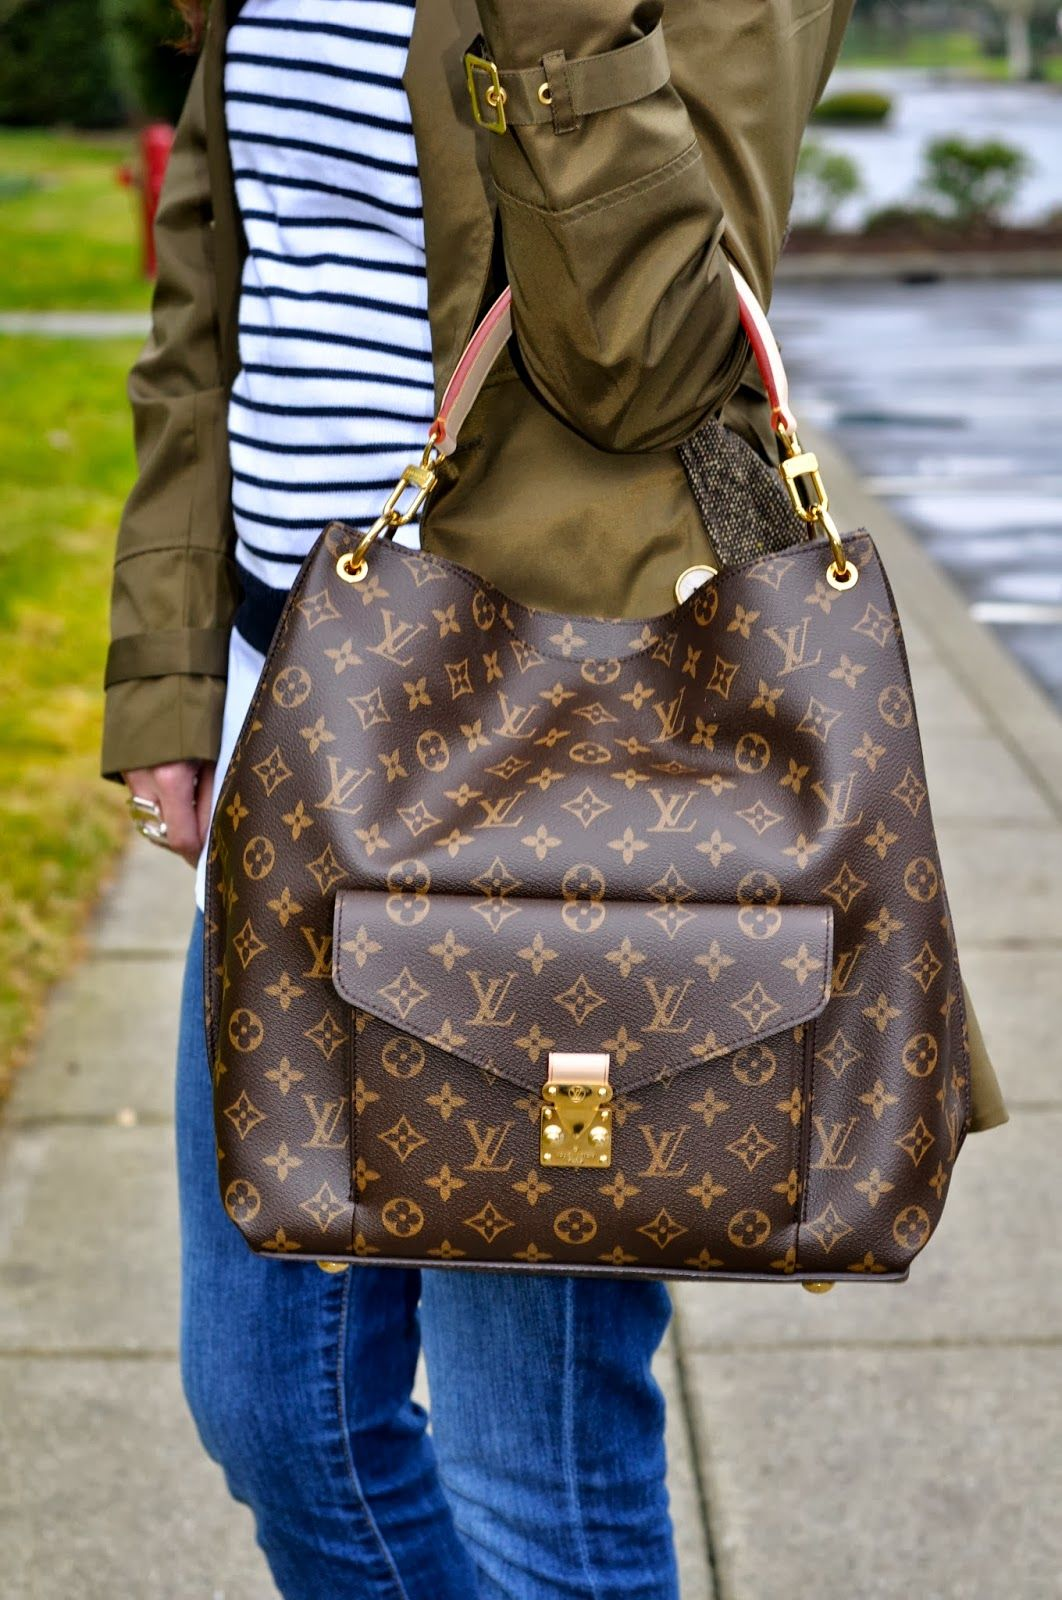 bdfbc140c2e1 Louis vuitton metis handbag